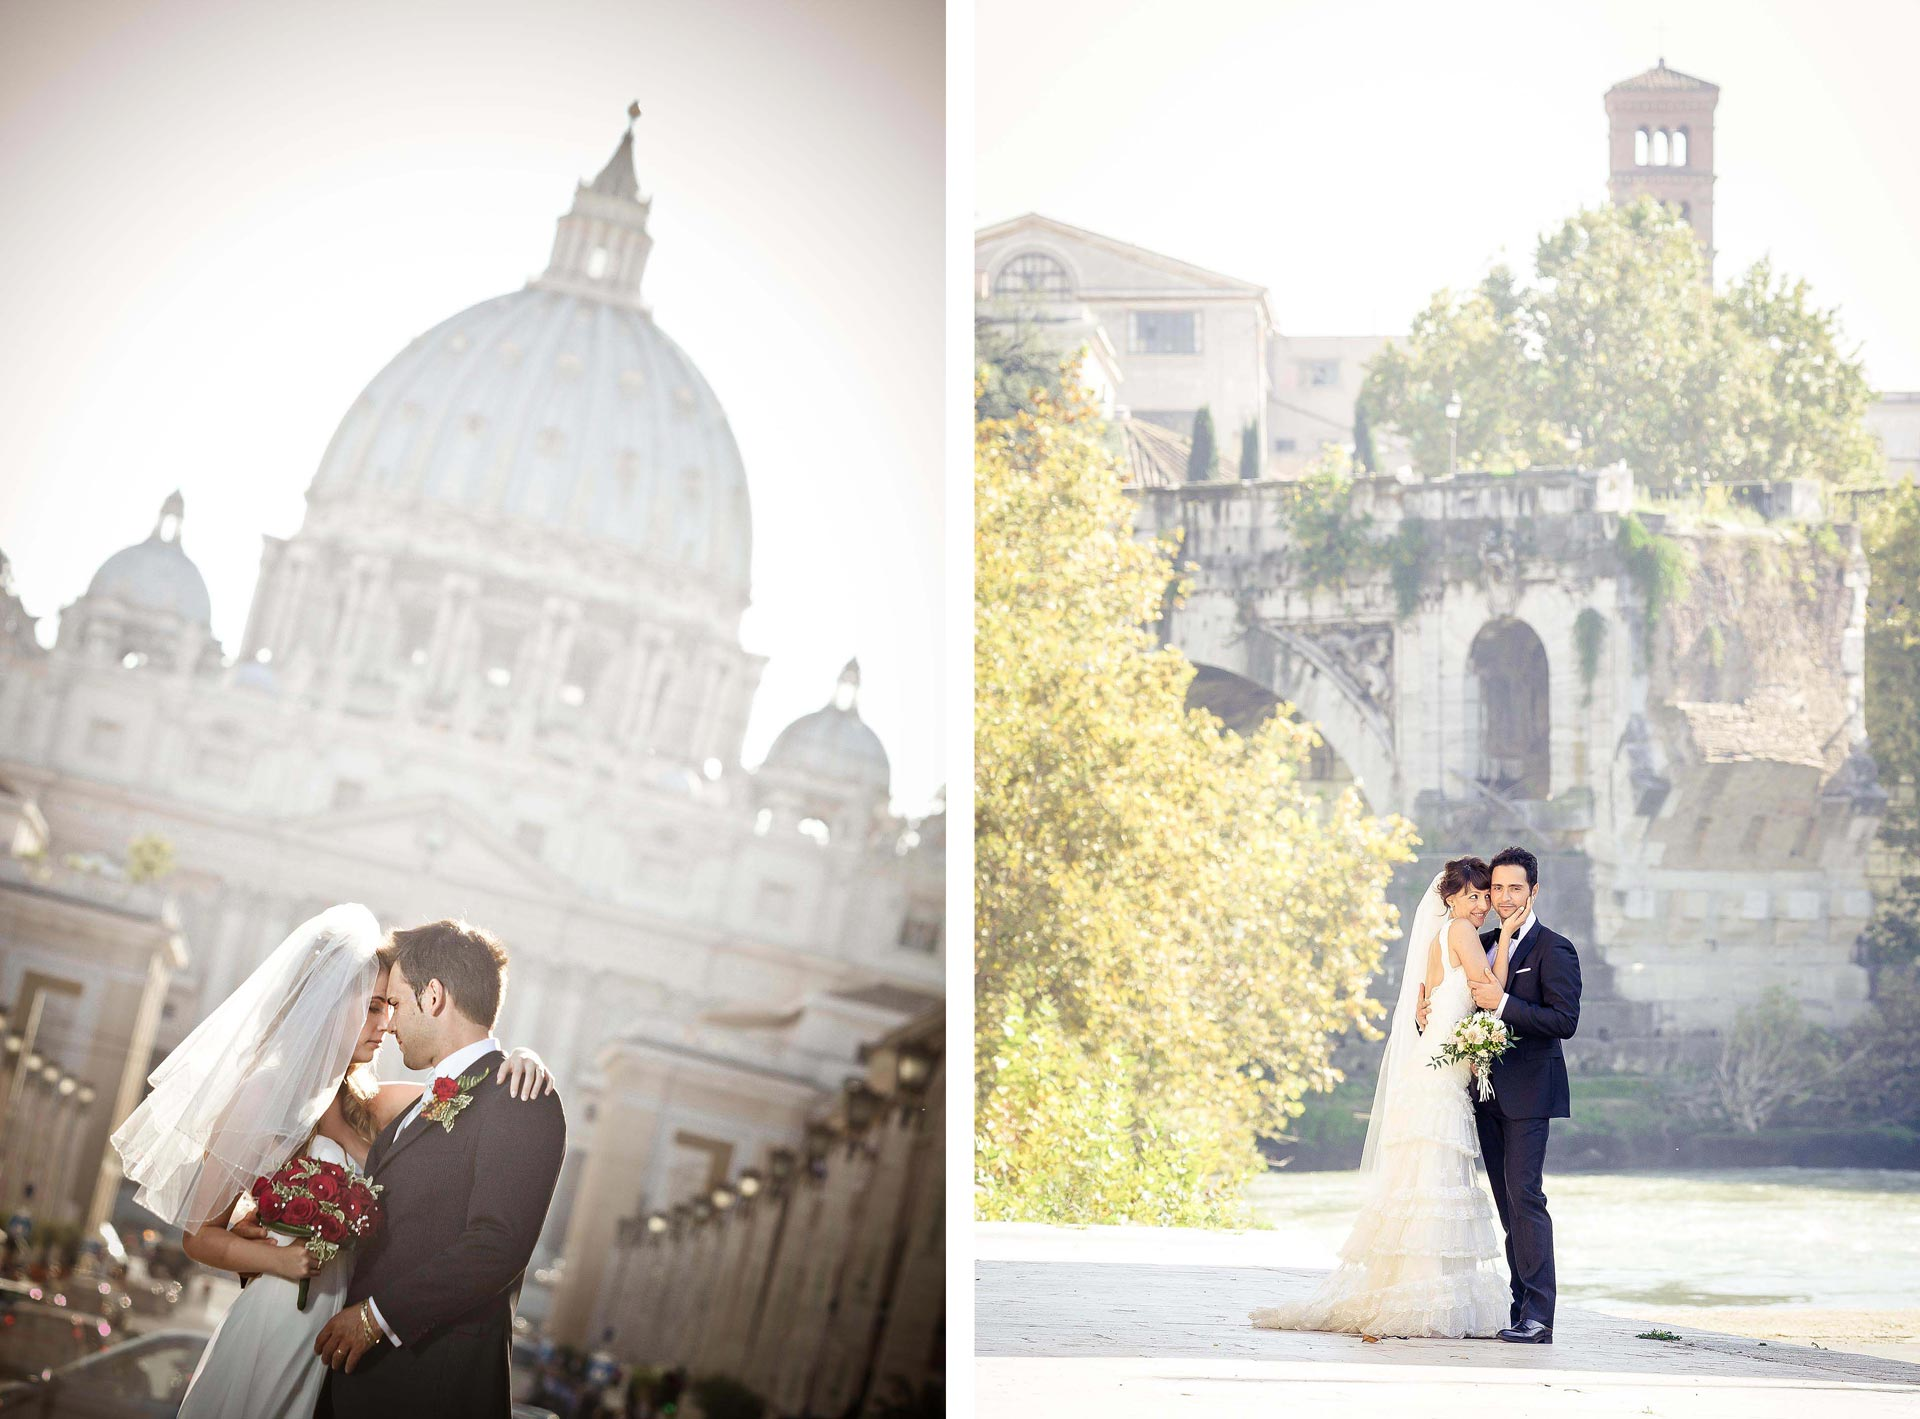 foto-ritratti-matrimonio-roma-17